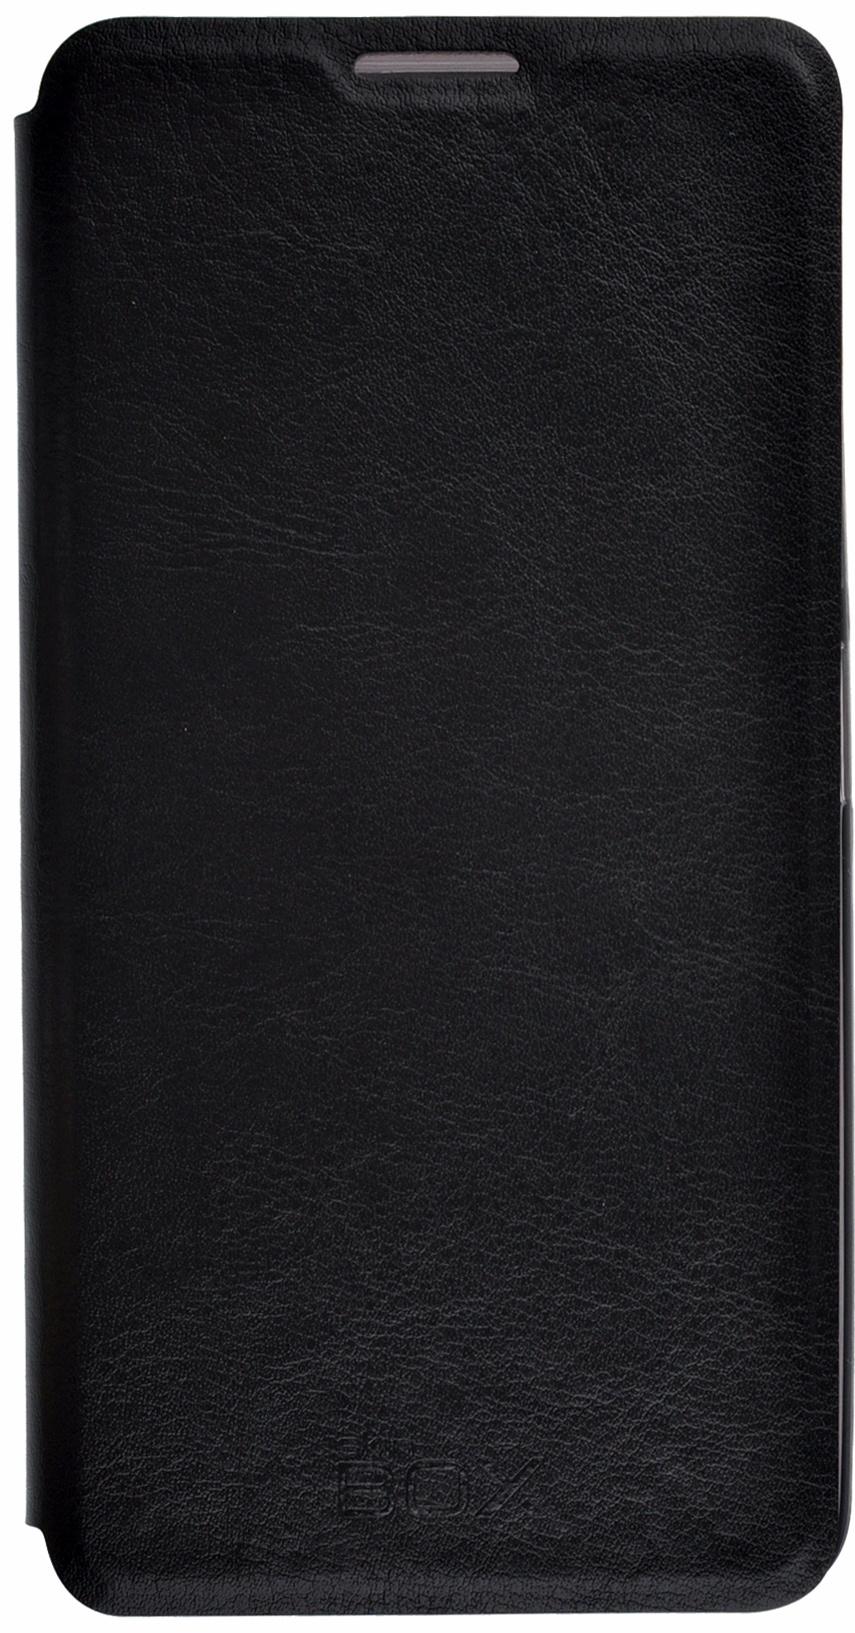 Чехол для сотового телефона skinBOX Lux, 4630042525528, черный все цены